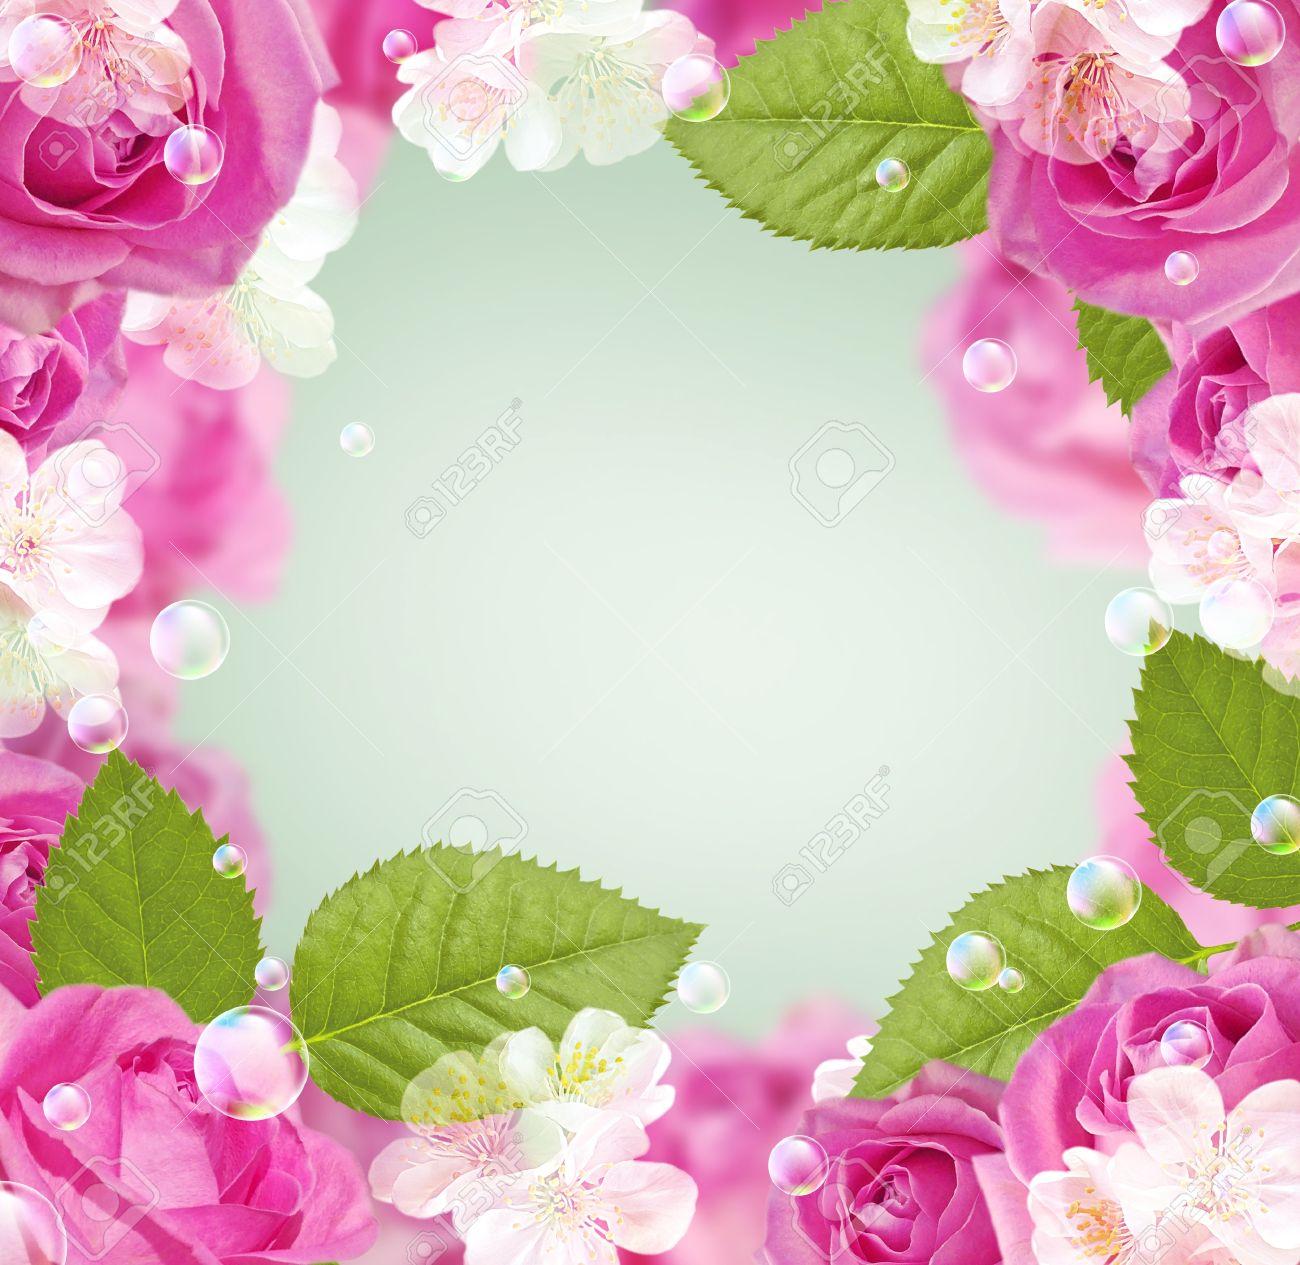 tarjeta con rosas marco flores blancas y burbujas para inserción de